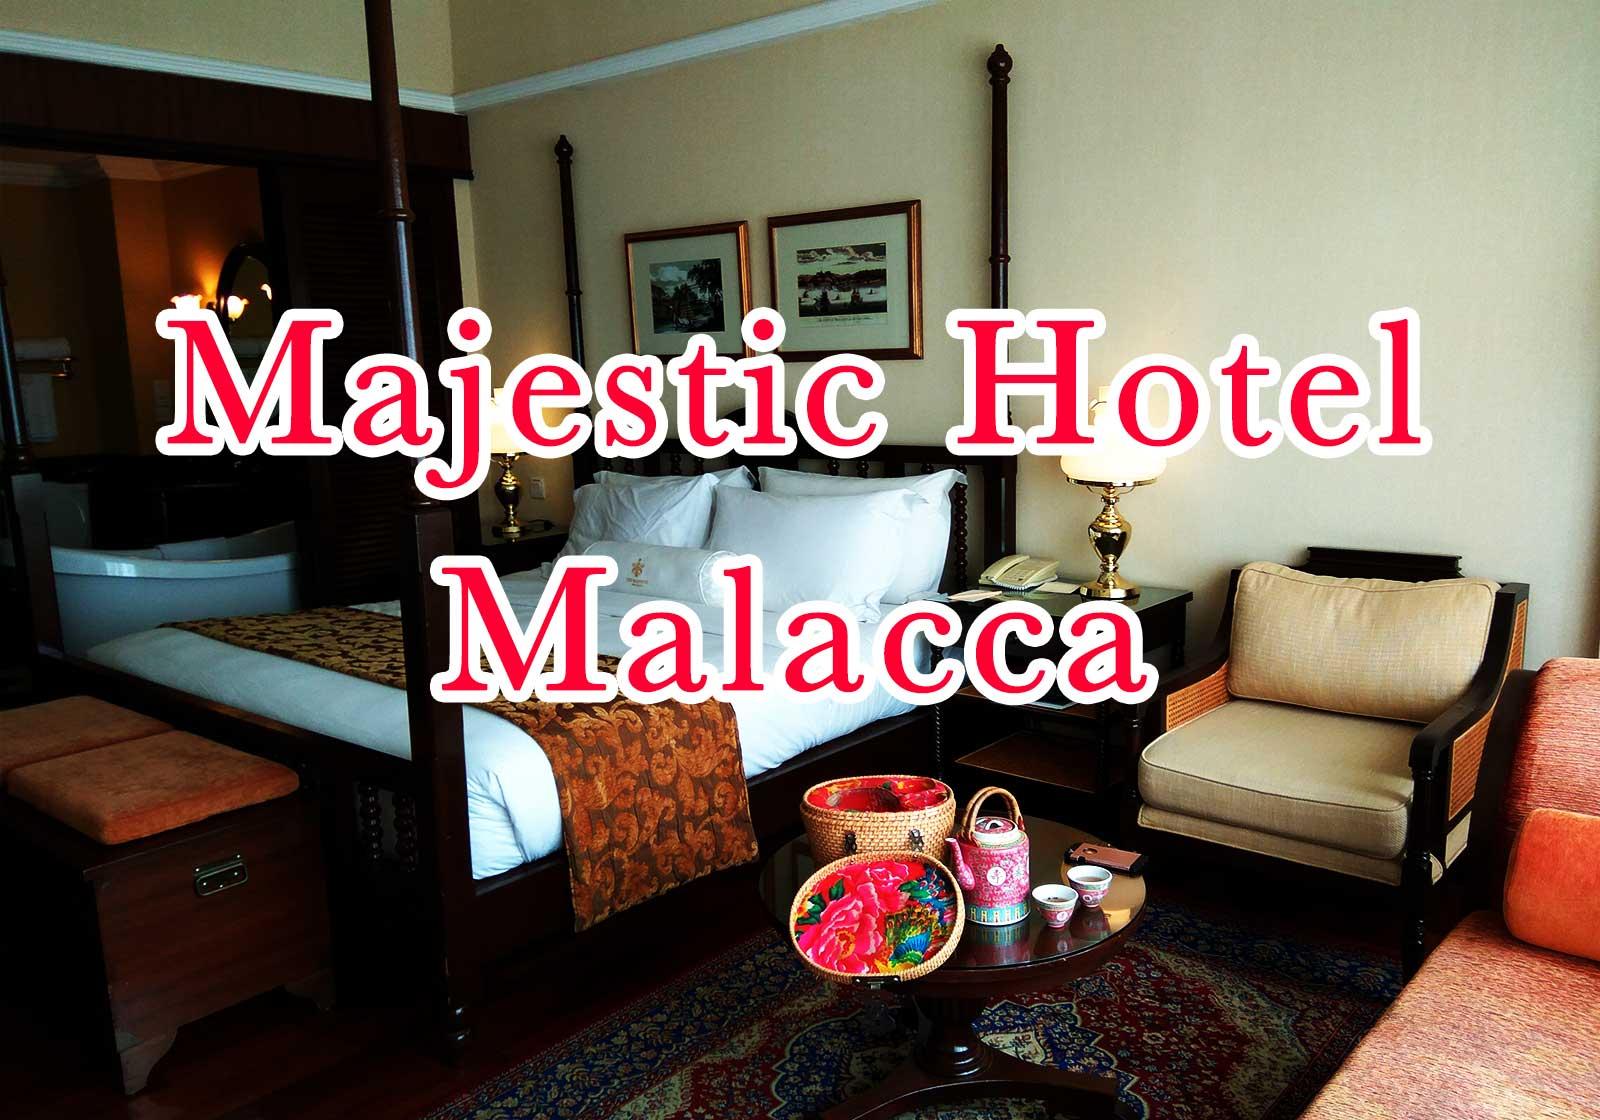 マジェスティックホテルマラッカのレビュー